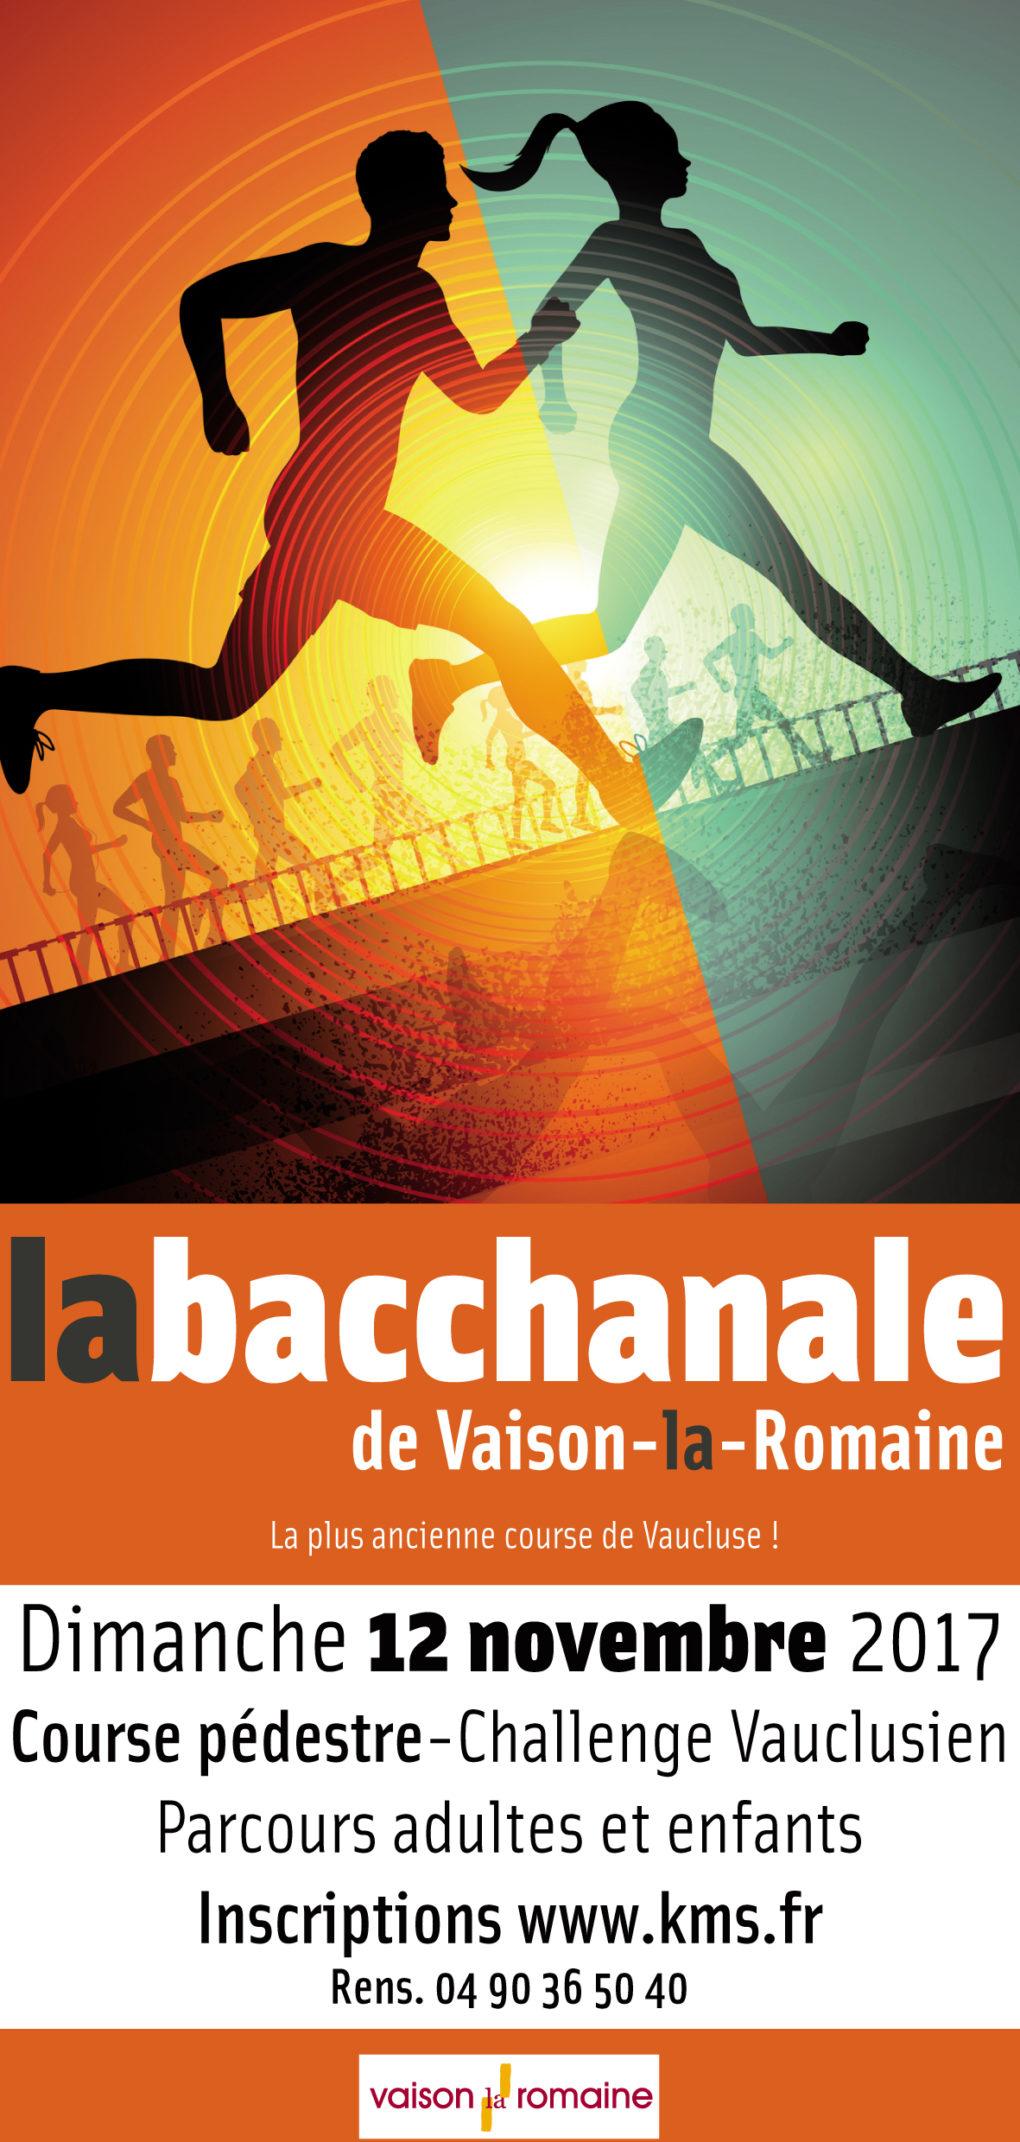 Les Tamaris Bacchanale Vaison 2017